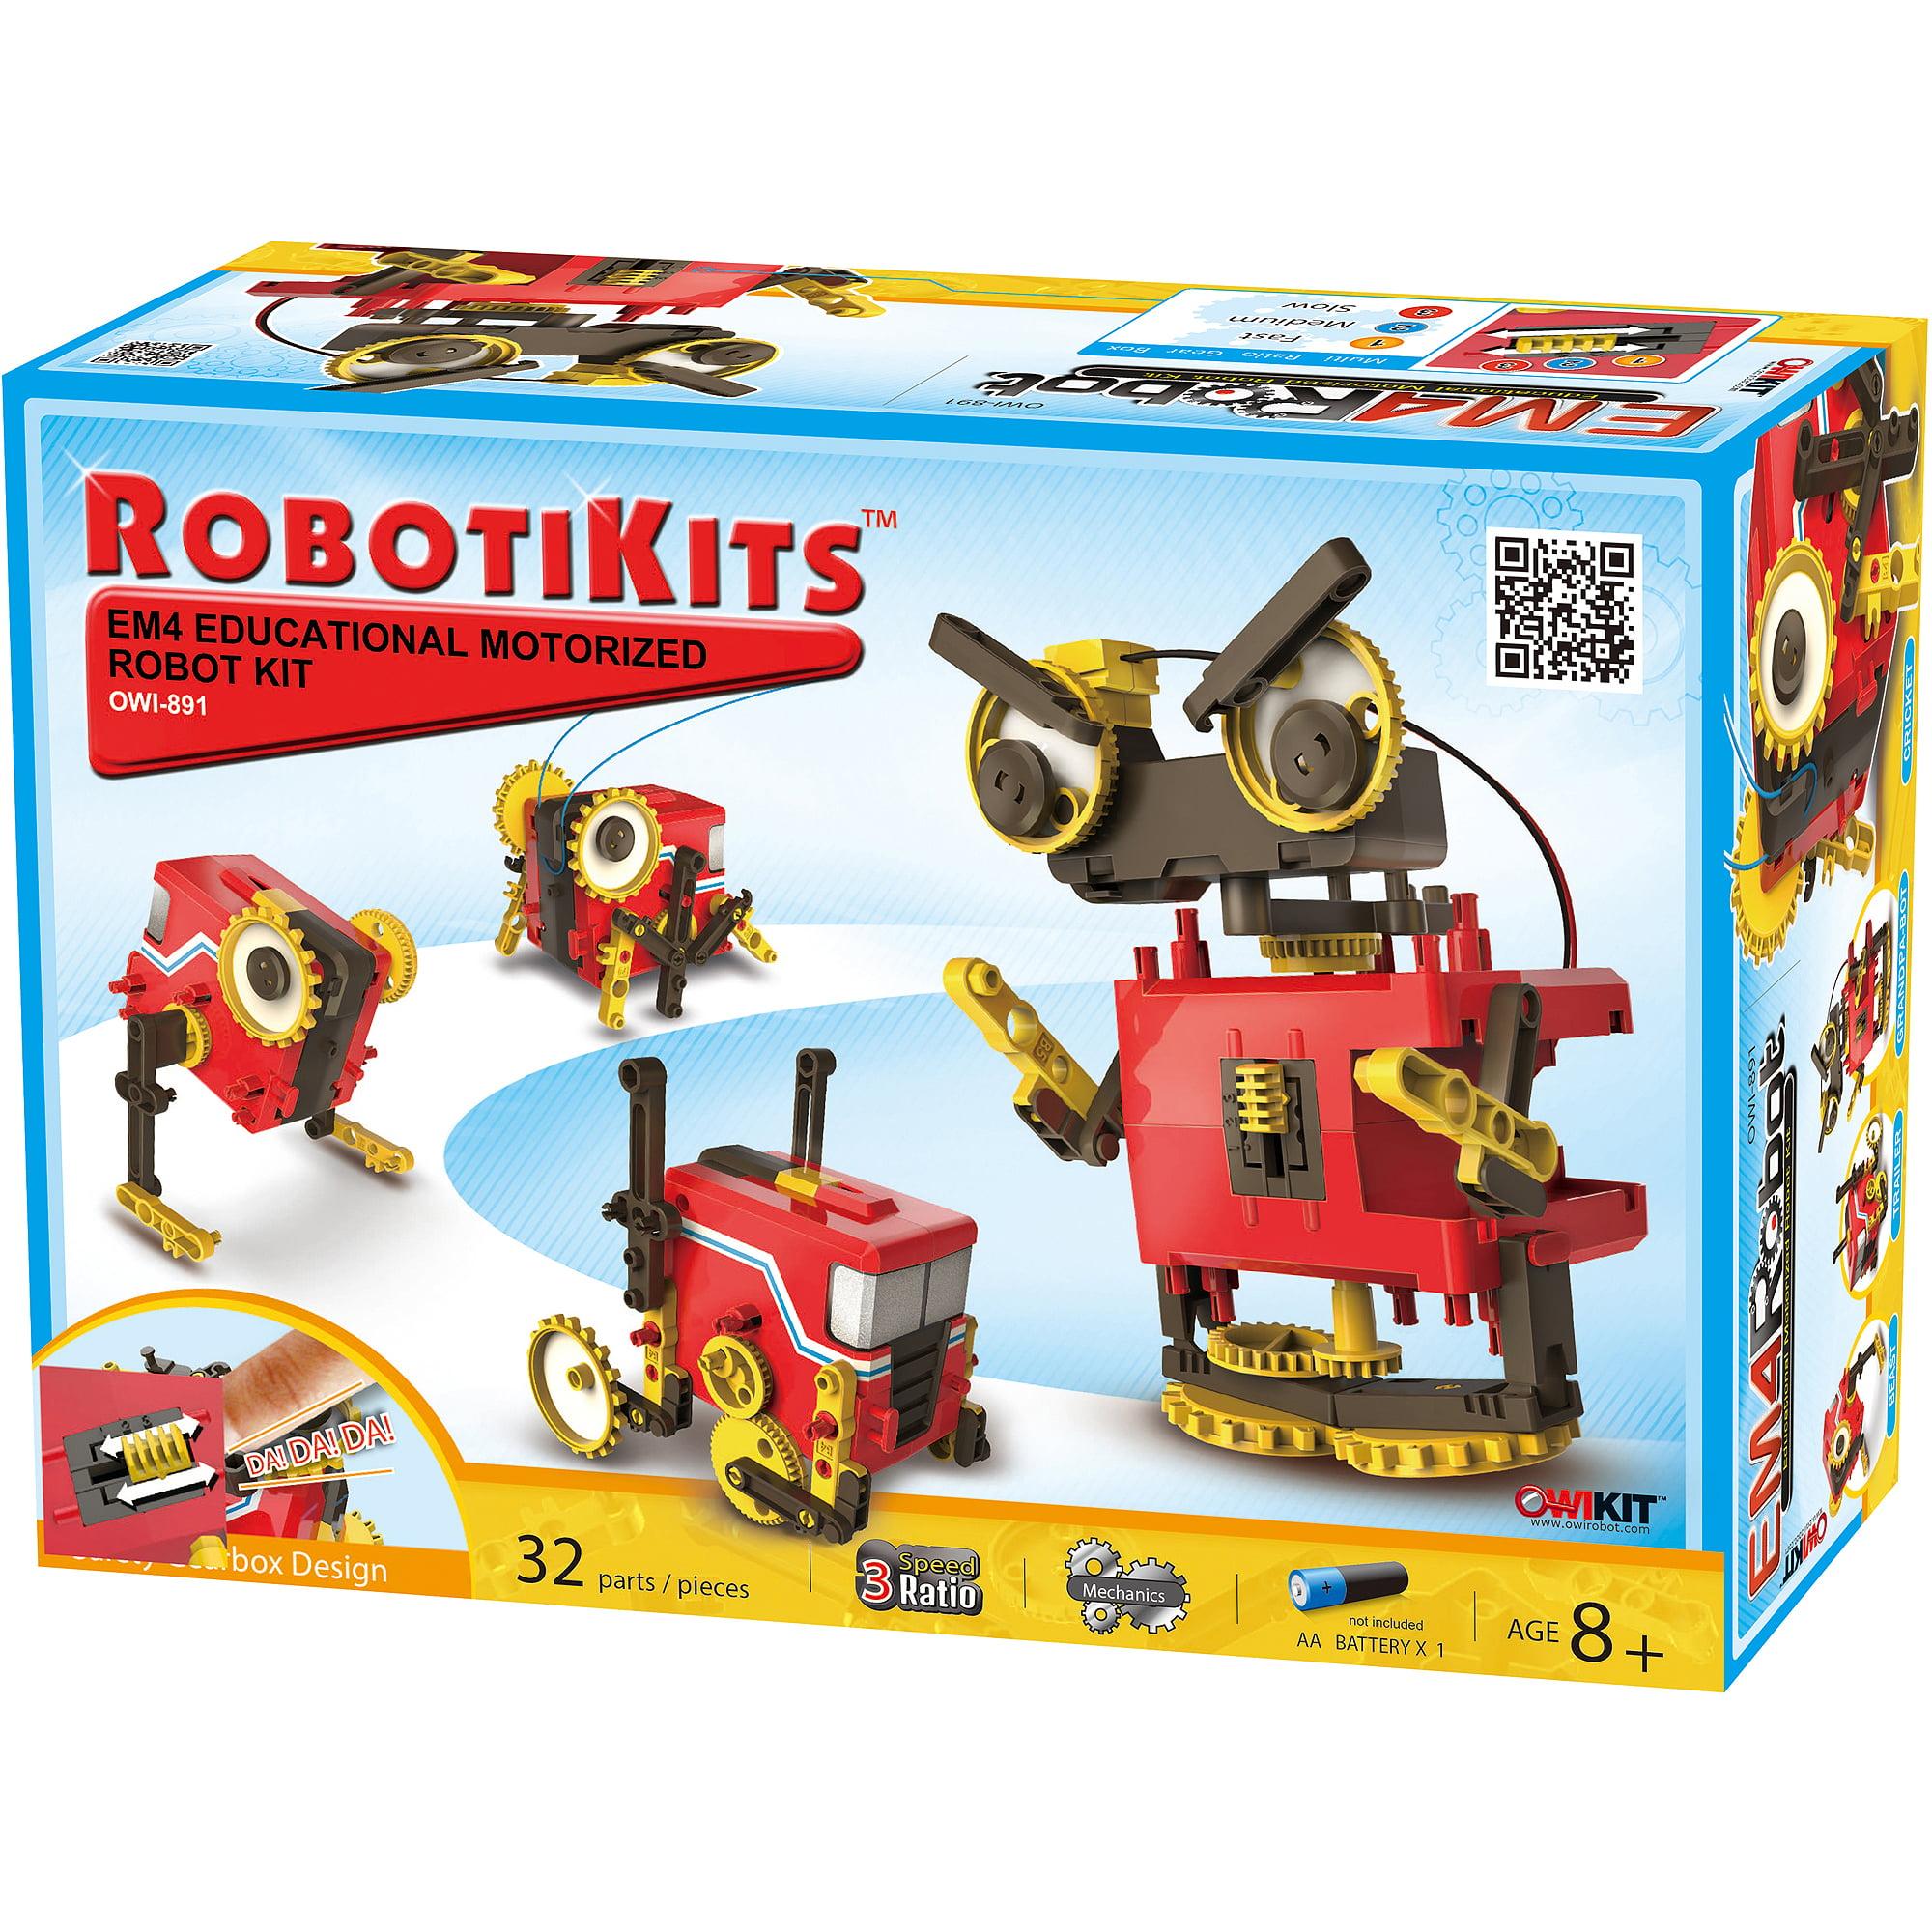 OWI EM4 Educational Motorized Robot Kit